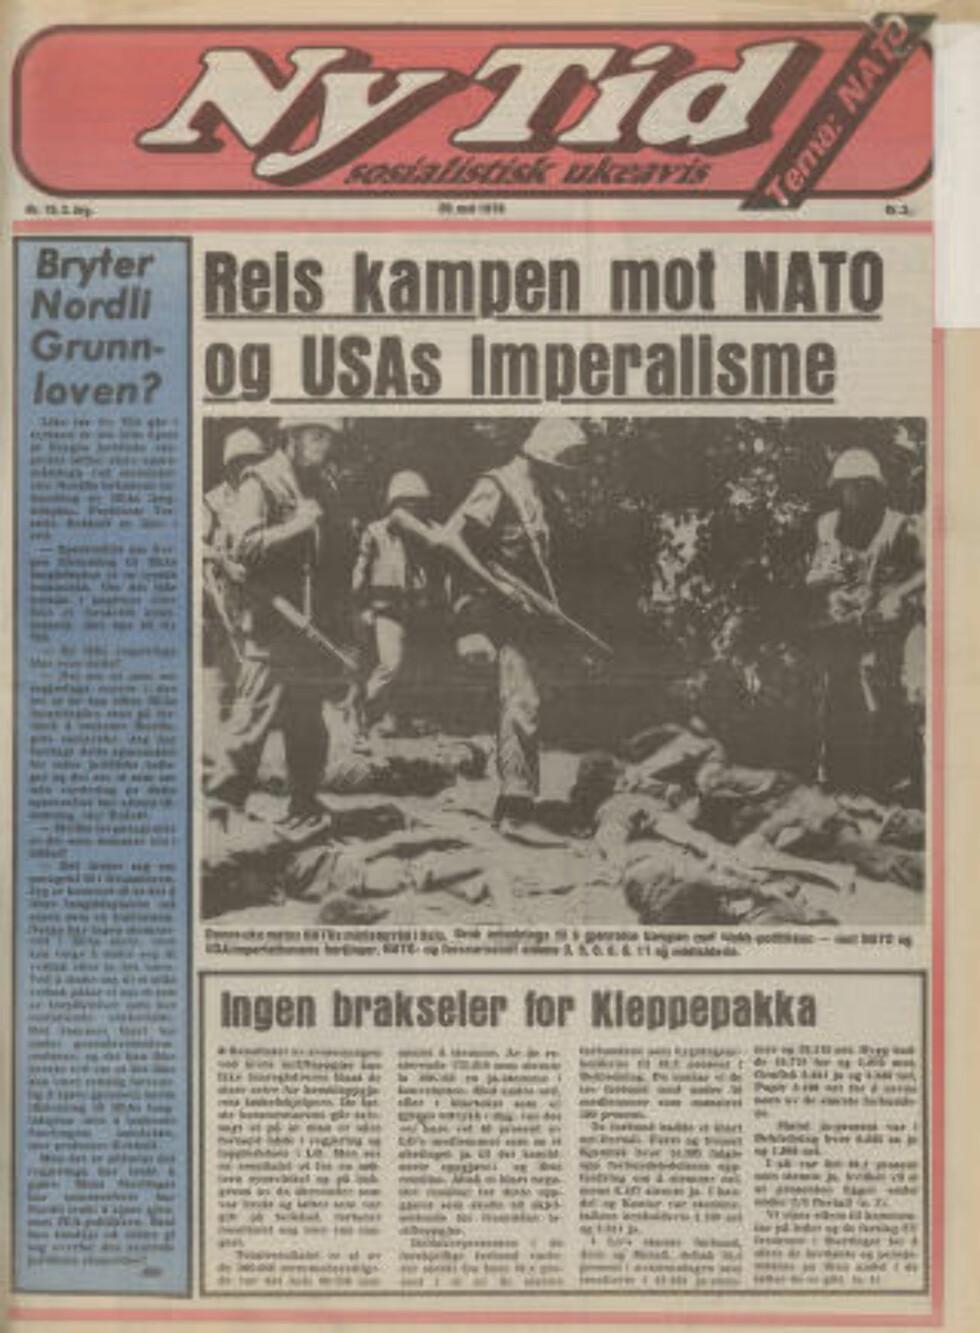 VAR I MOT NATO: Ny Tid-forside fra 1976. Faksimile.